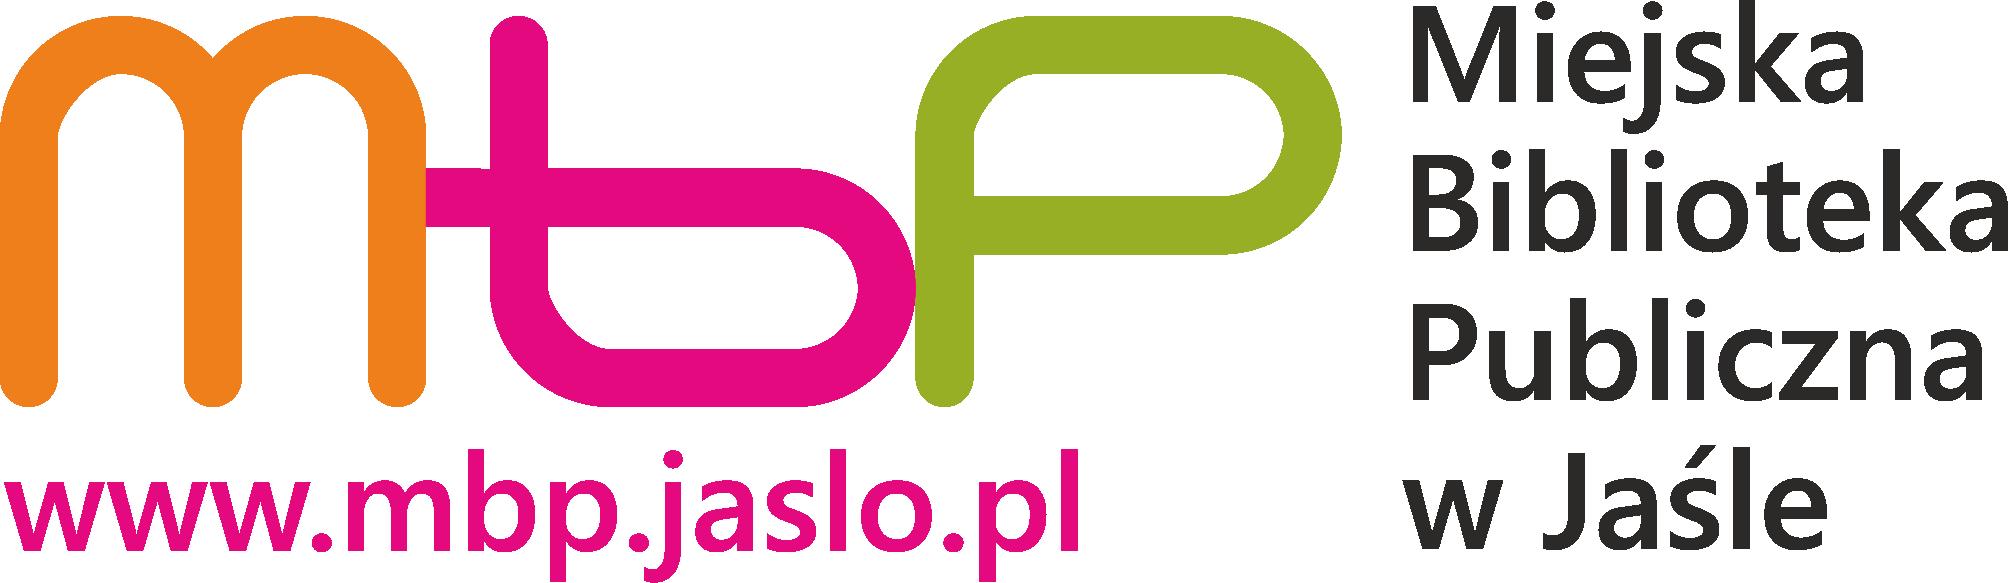 Miejska Biblioteka Publiczna w Jaśle